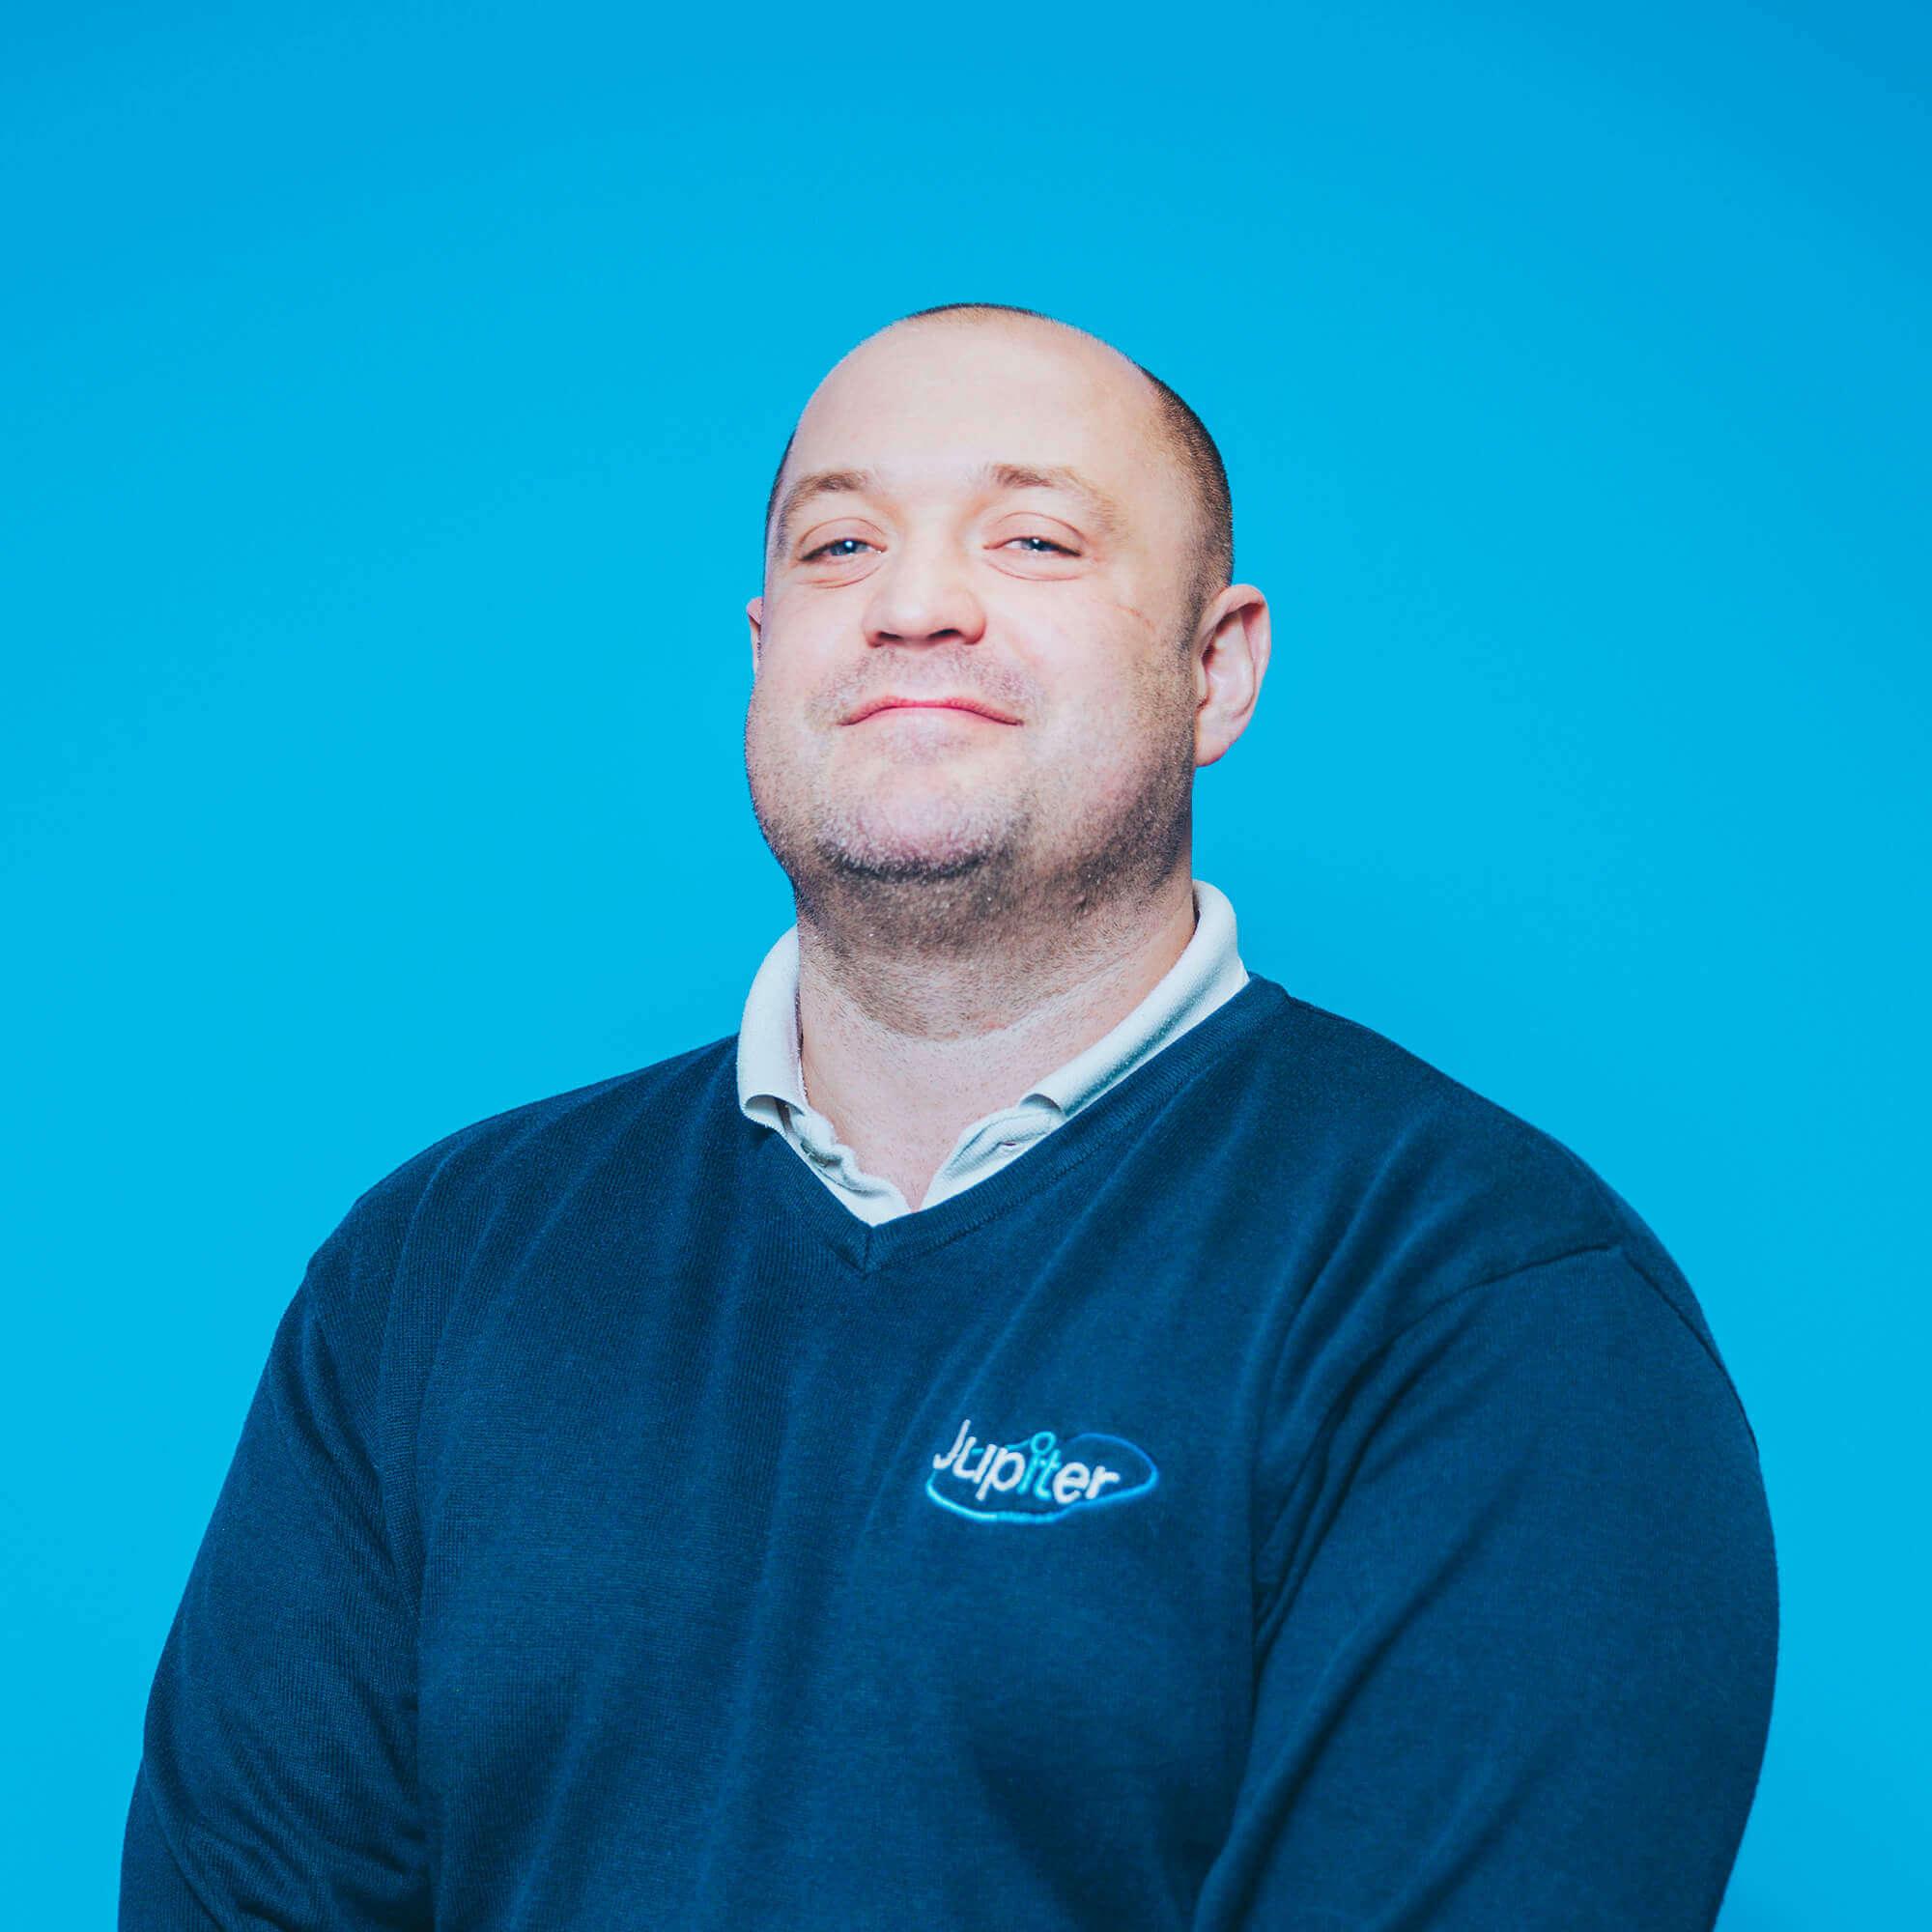 Team member Iain Powell